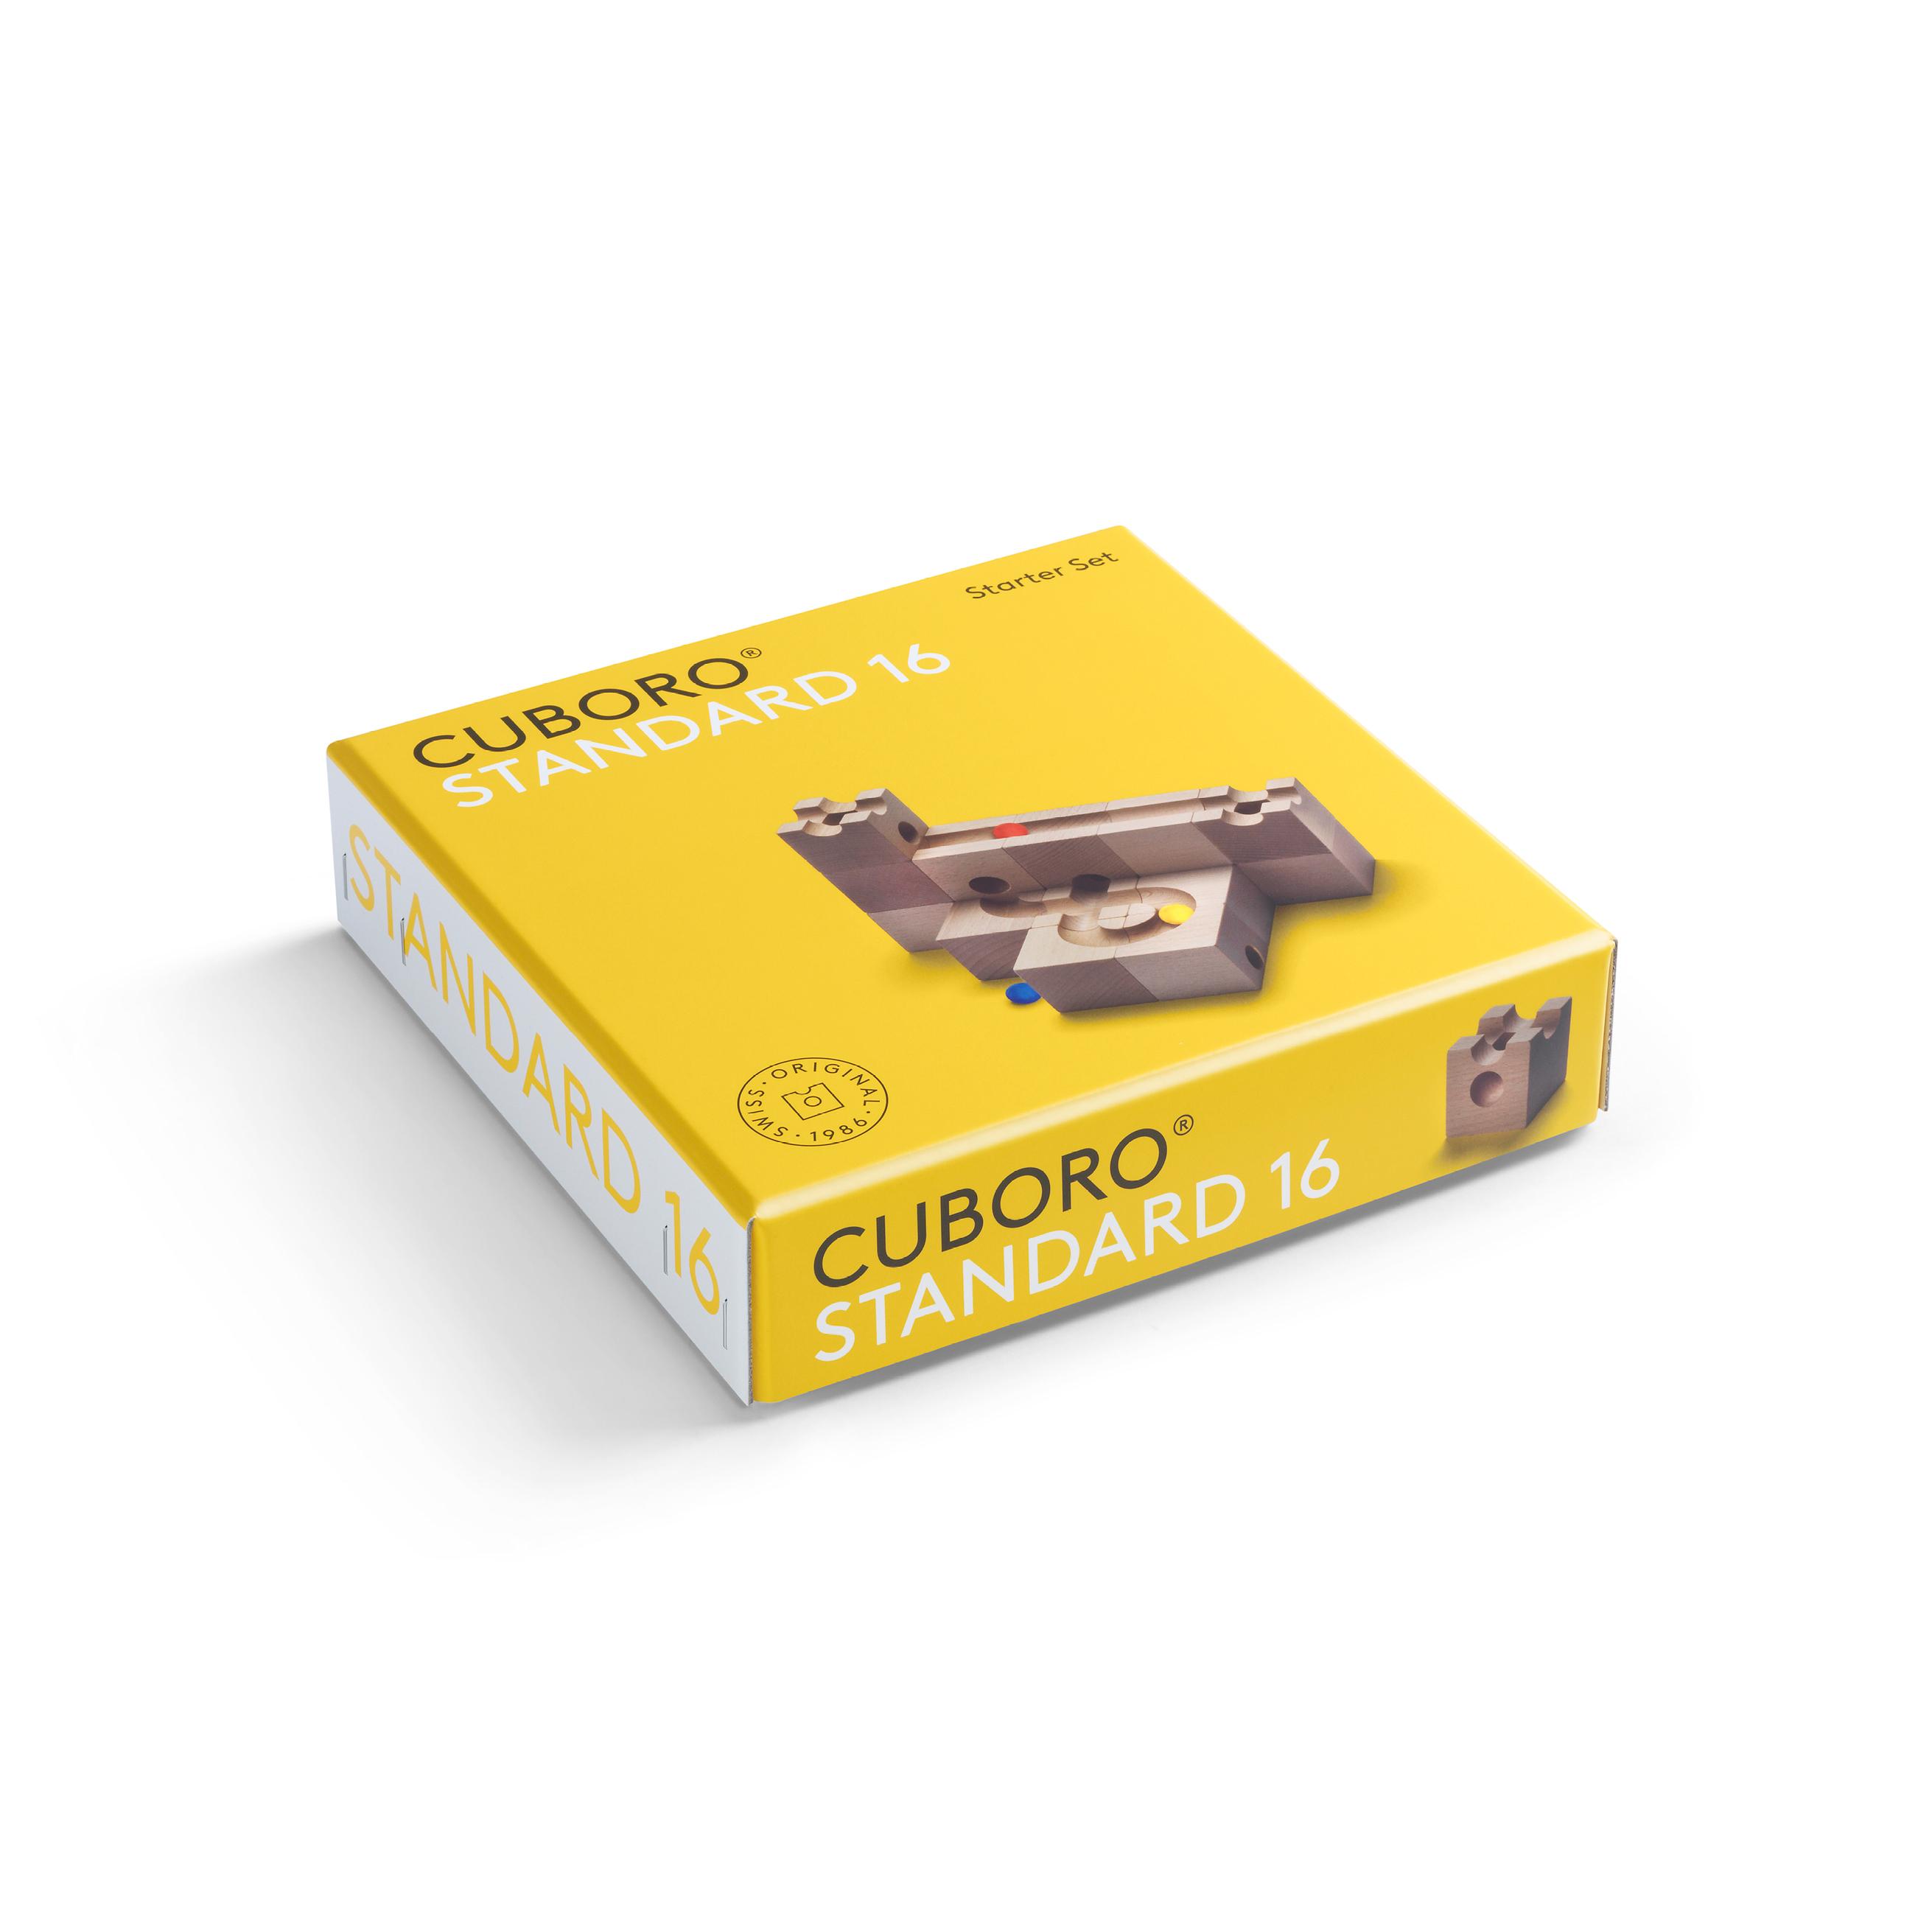 cuboro Standard 16 - das kleine Starterset